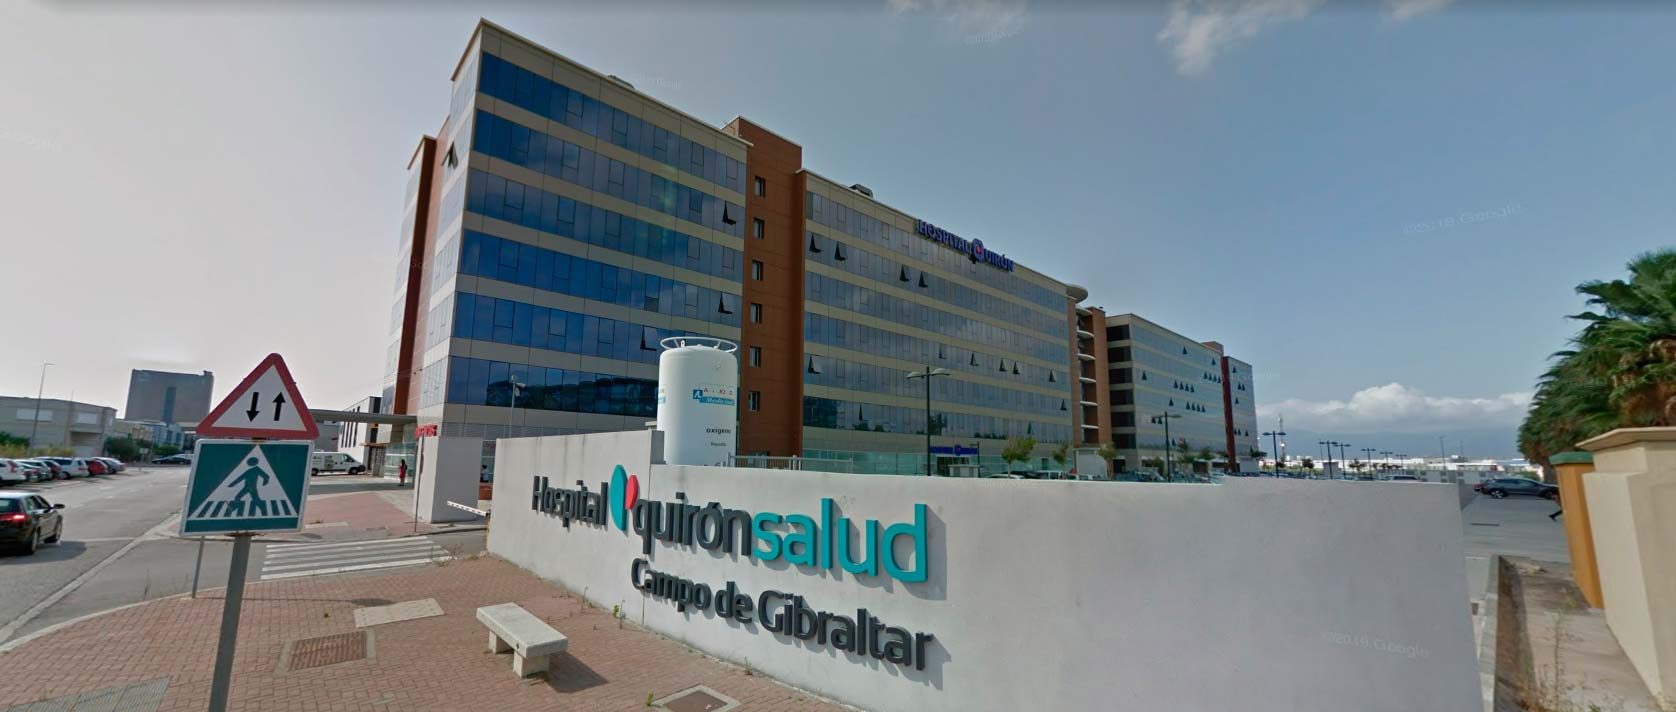 Hospital Quirónsalud Campo de Gibraltar